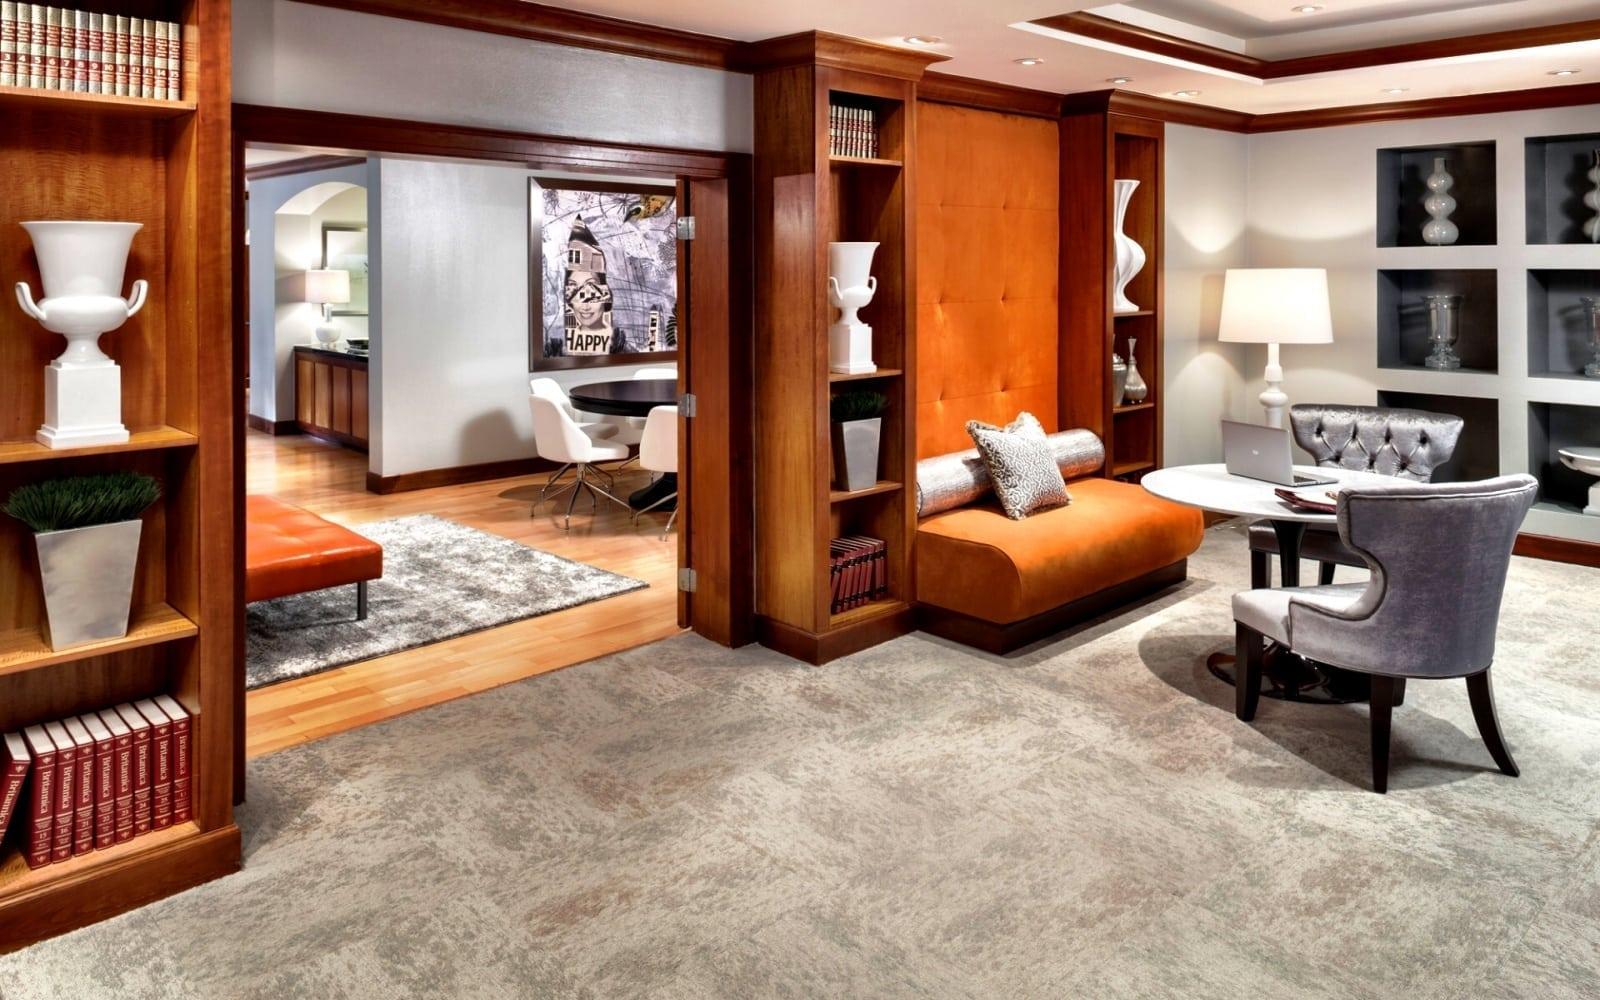 Texas,1 Bedroom Bedrooms,1 BathroomBathrooms,Apartment,6,2076